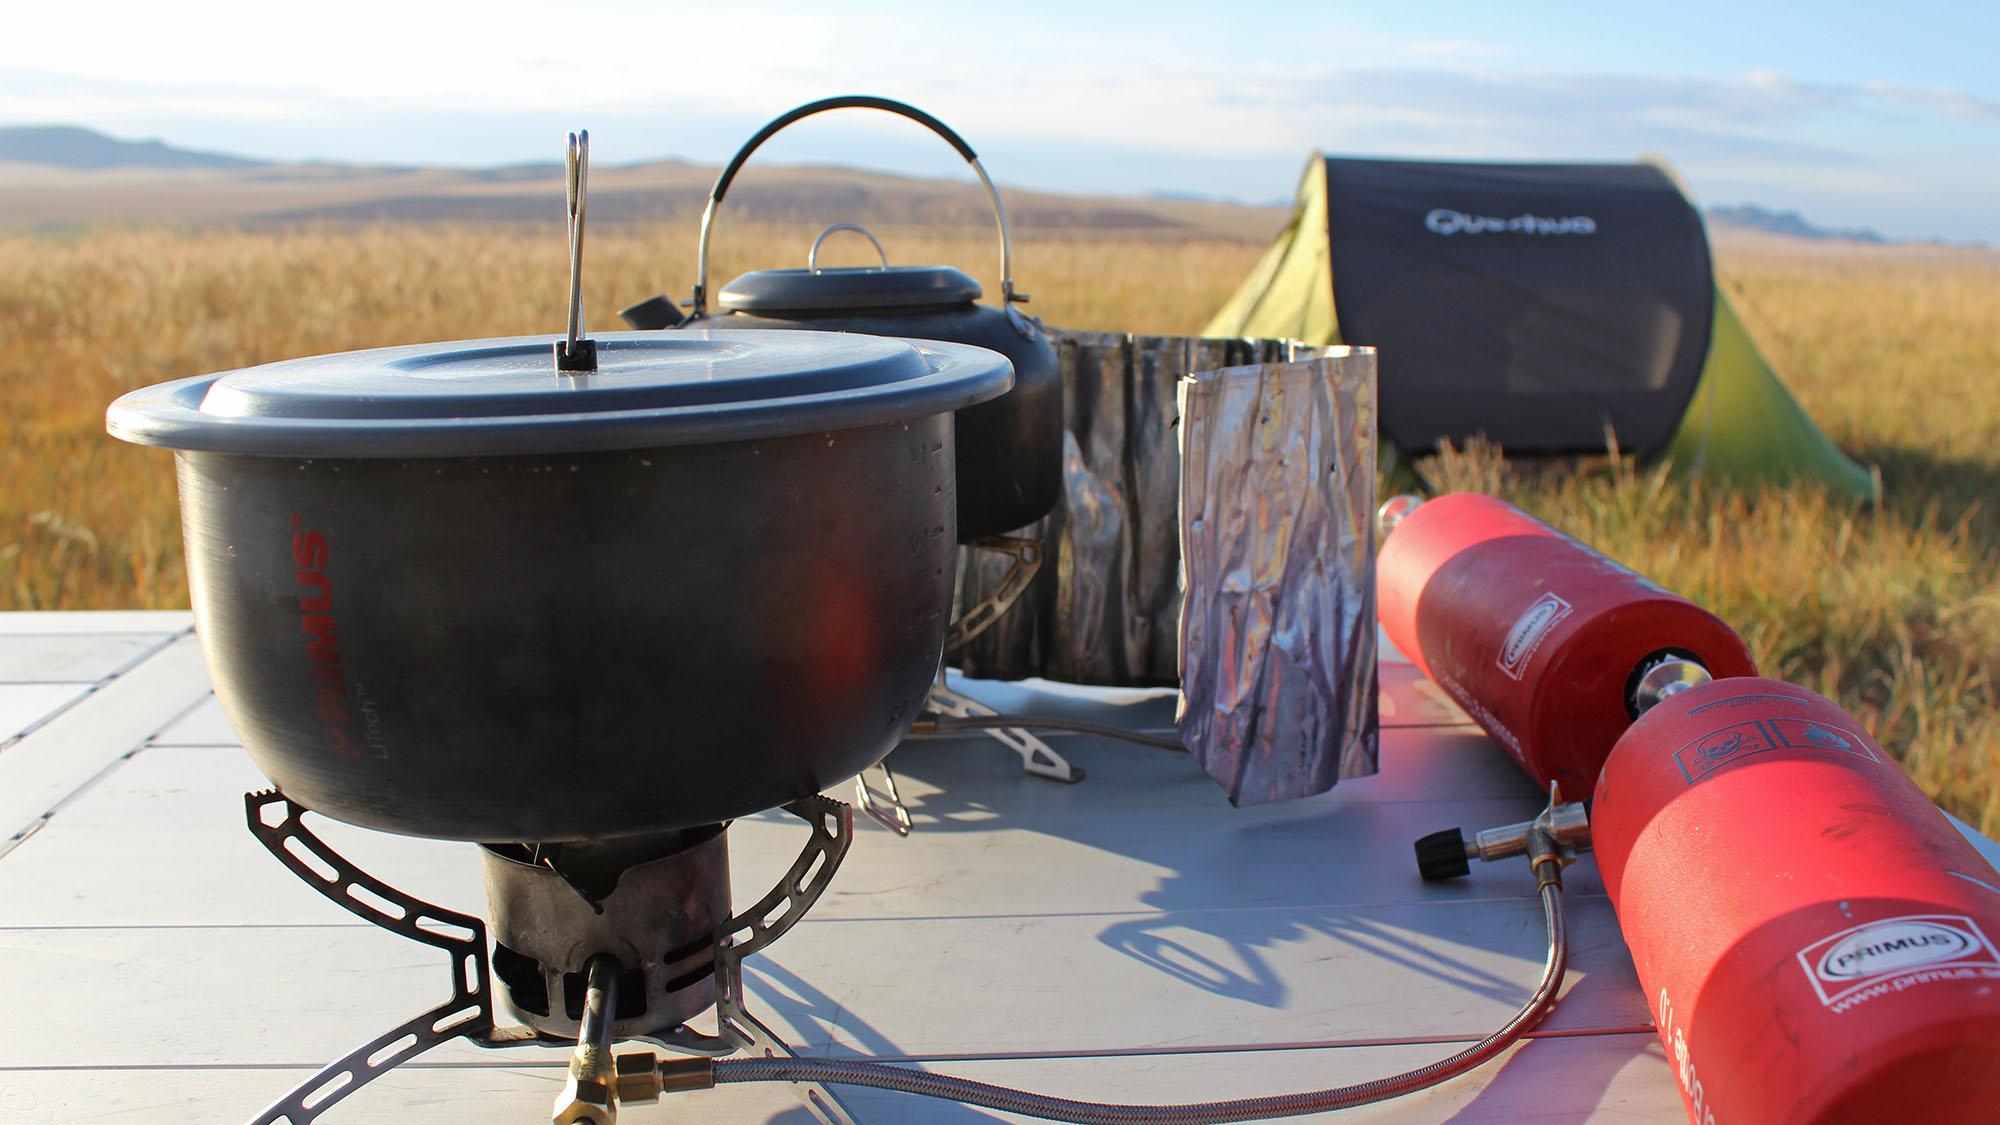 Med interesse for mat og to kokker som reisefølge ble det mange gode primusmåltider underveis. Foto: Gro H Andersen